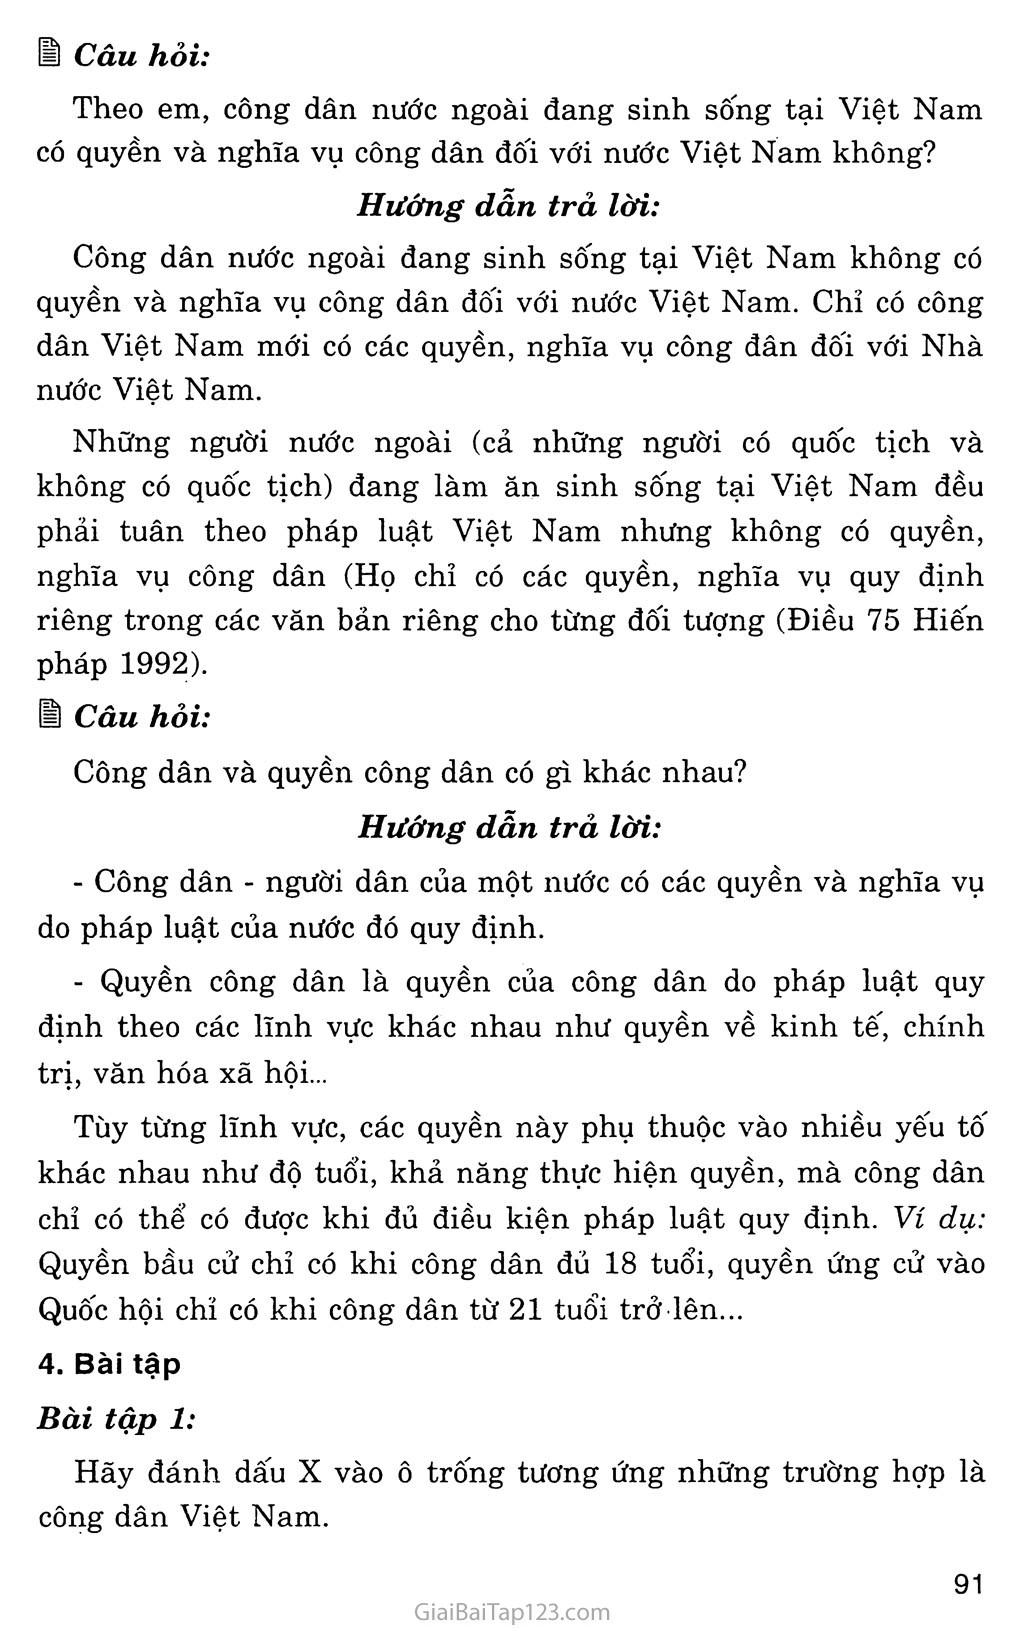 Bài 13: Công dân nước Cộng hòa xã hội chủ nghĩa Việt Nam trang 7